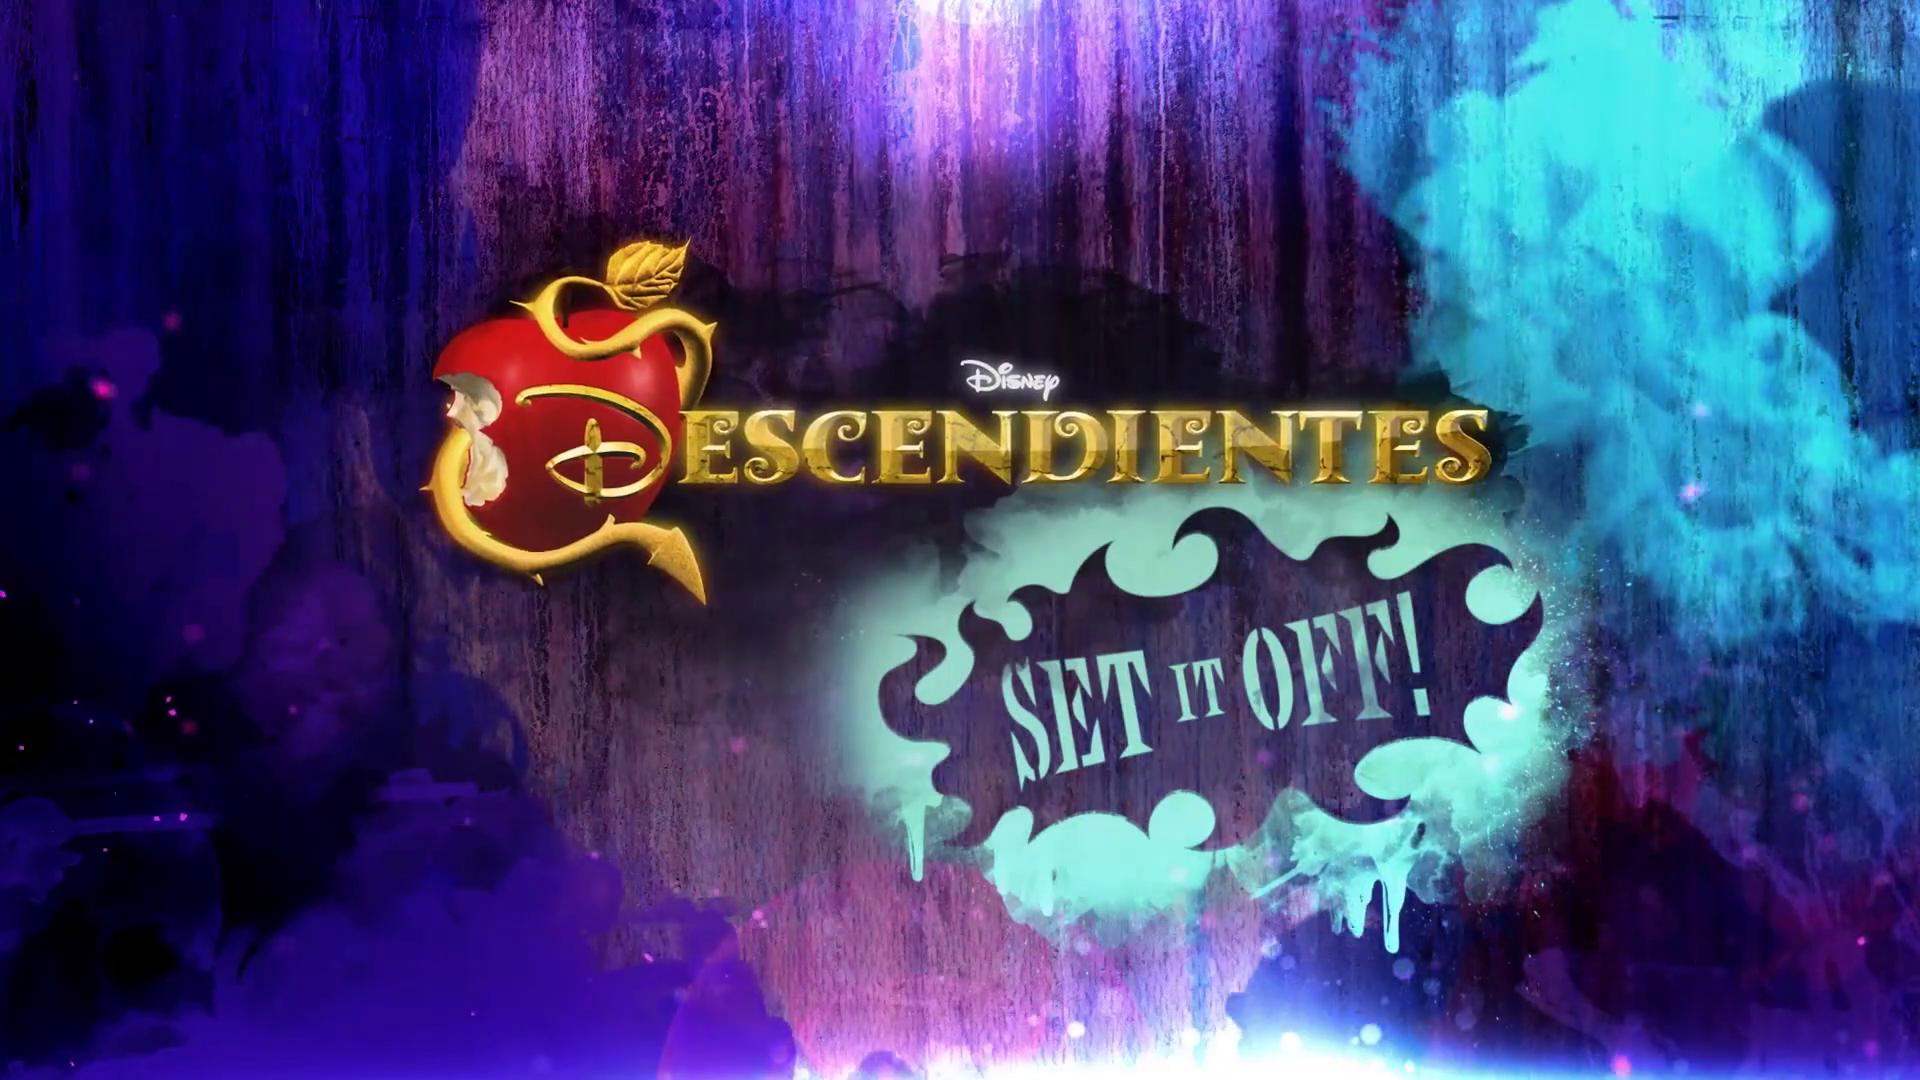 Descendientes: Set It Off!